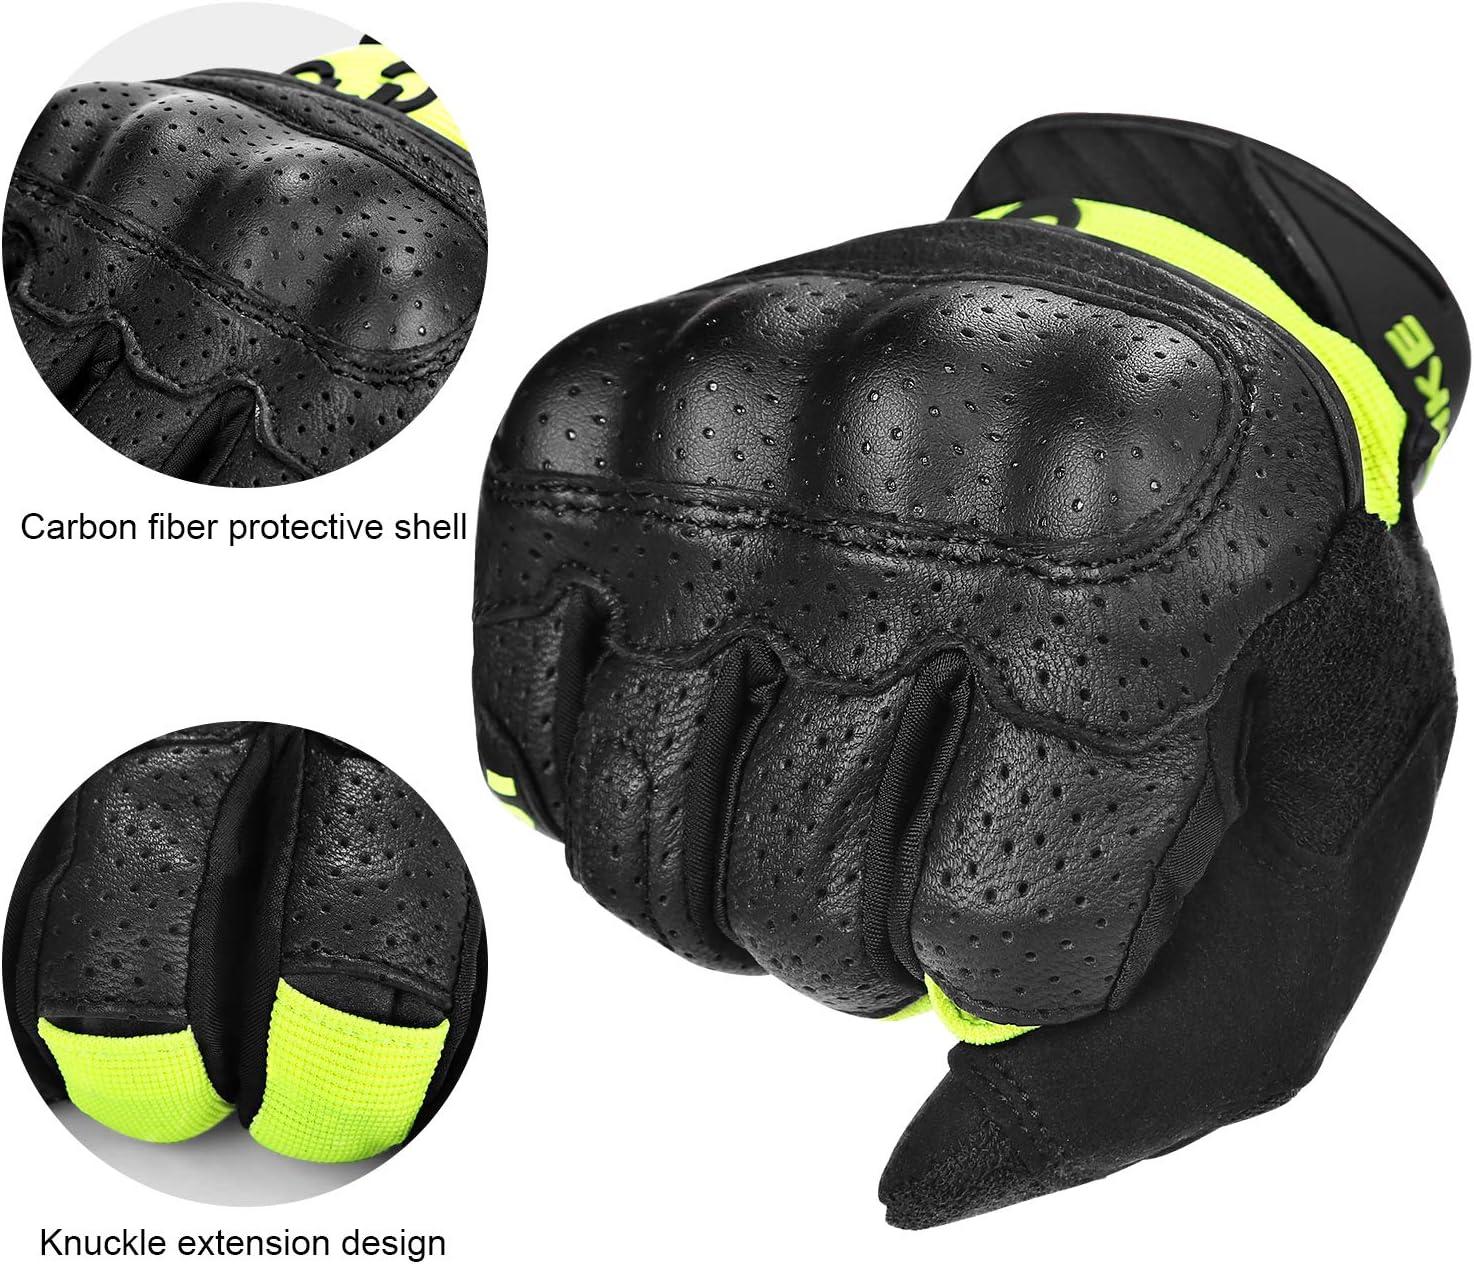 INBIKE Motorrad Handschuhe Atmungsaktiv Verschlei/ßfest Touchscreen Motorradhandschuhe Mit Harter Schutzh/ülle Professionelle Motorradschutzhandschuhe Aktualisierte Version IM801